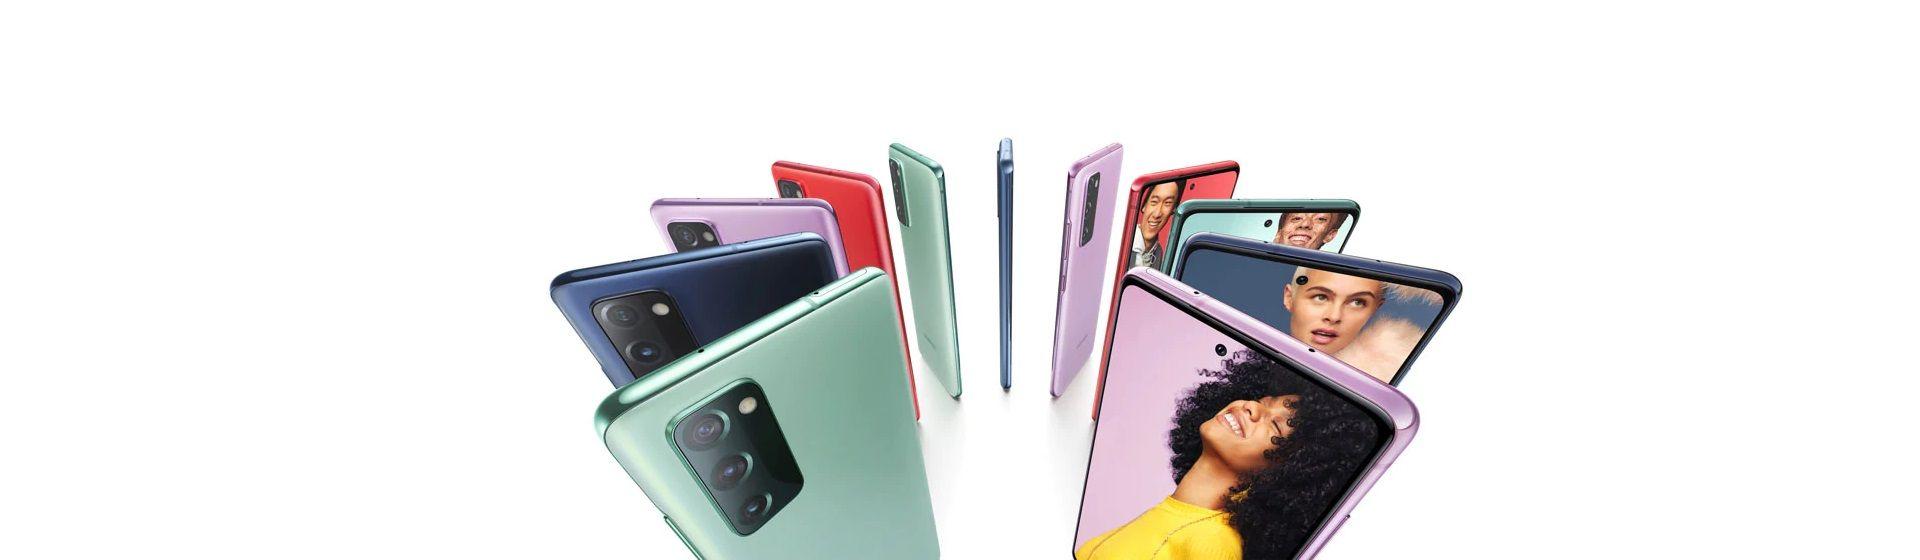 Samsung lança Galaxy S20 FE: confira a ficha técnica